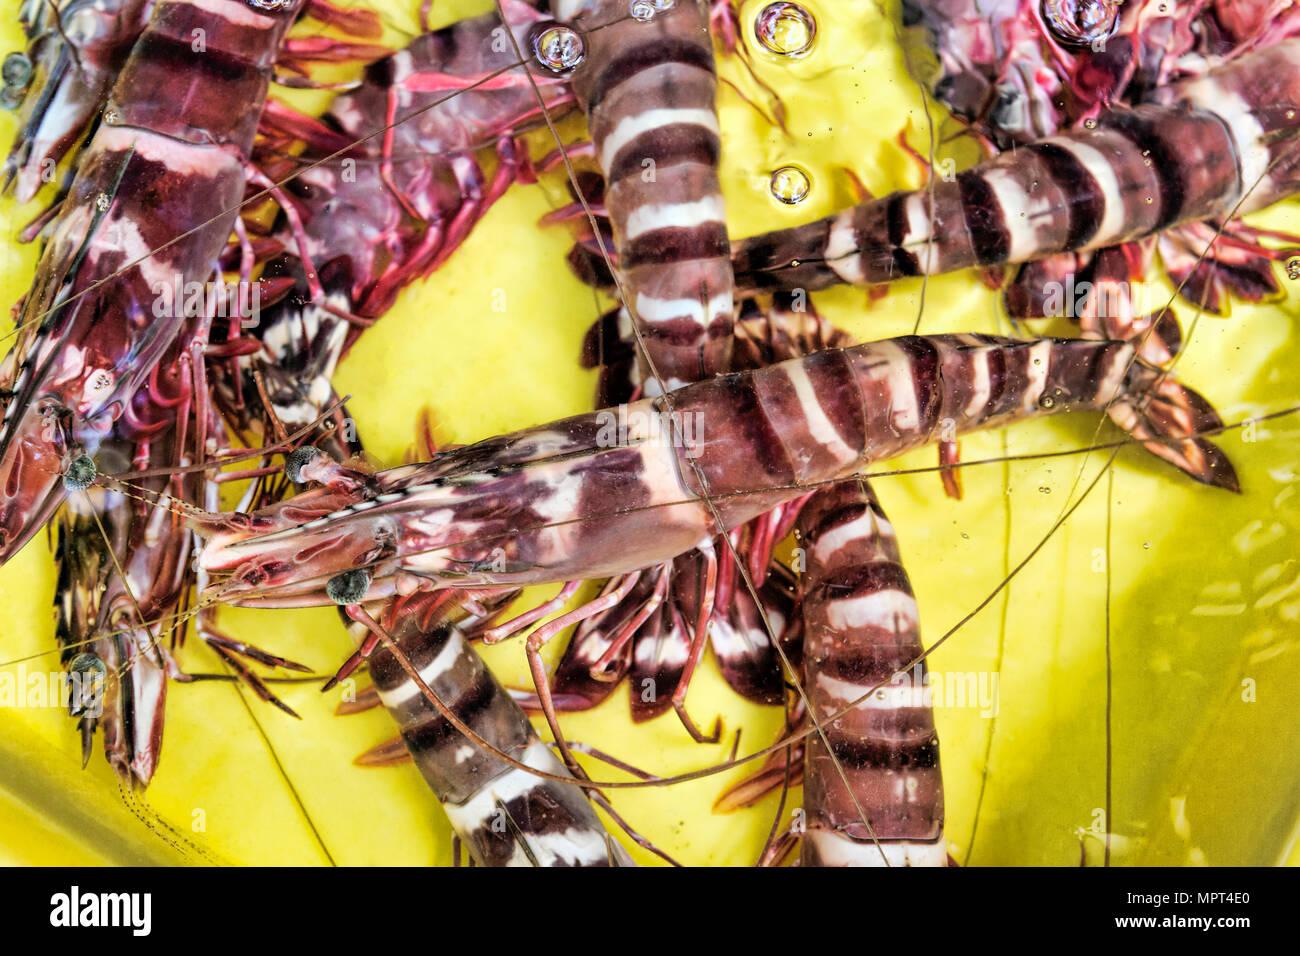 Live Shrimp Stock Photos & Live Shrimp Stock Images - Alamy